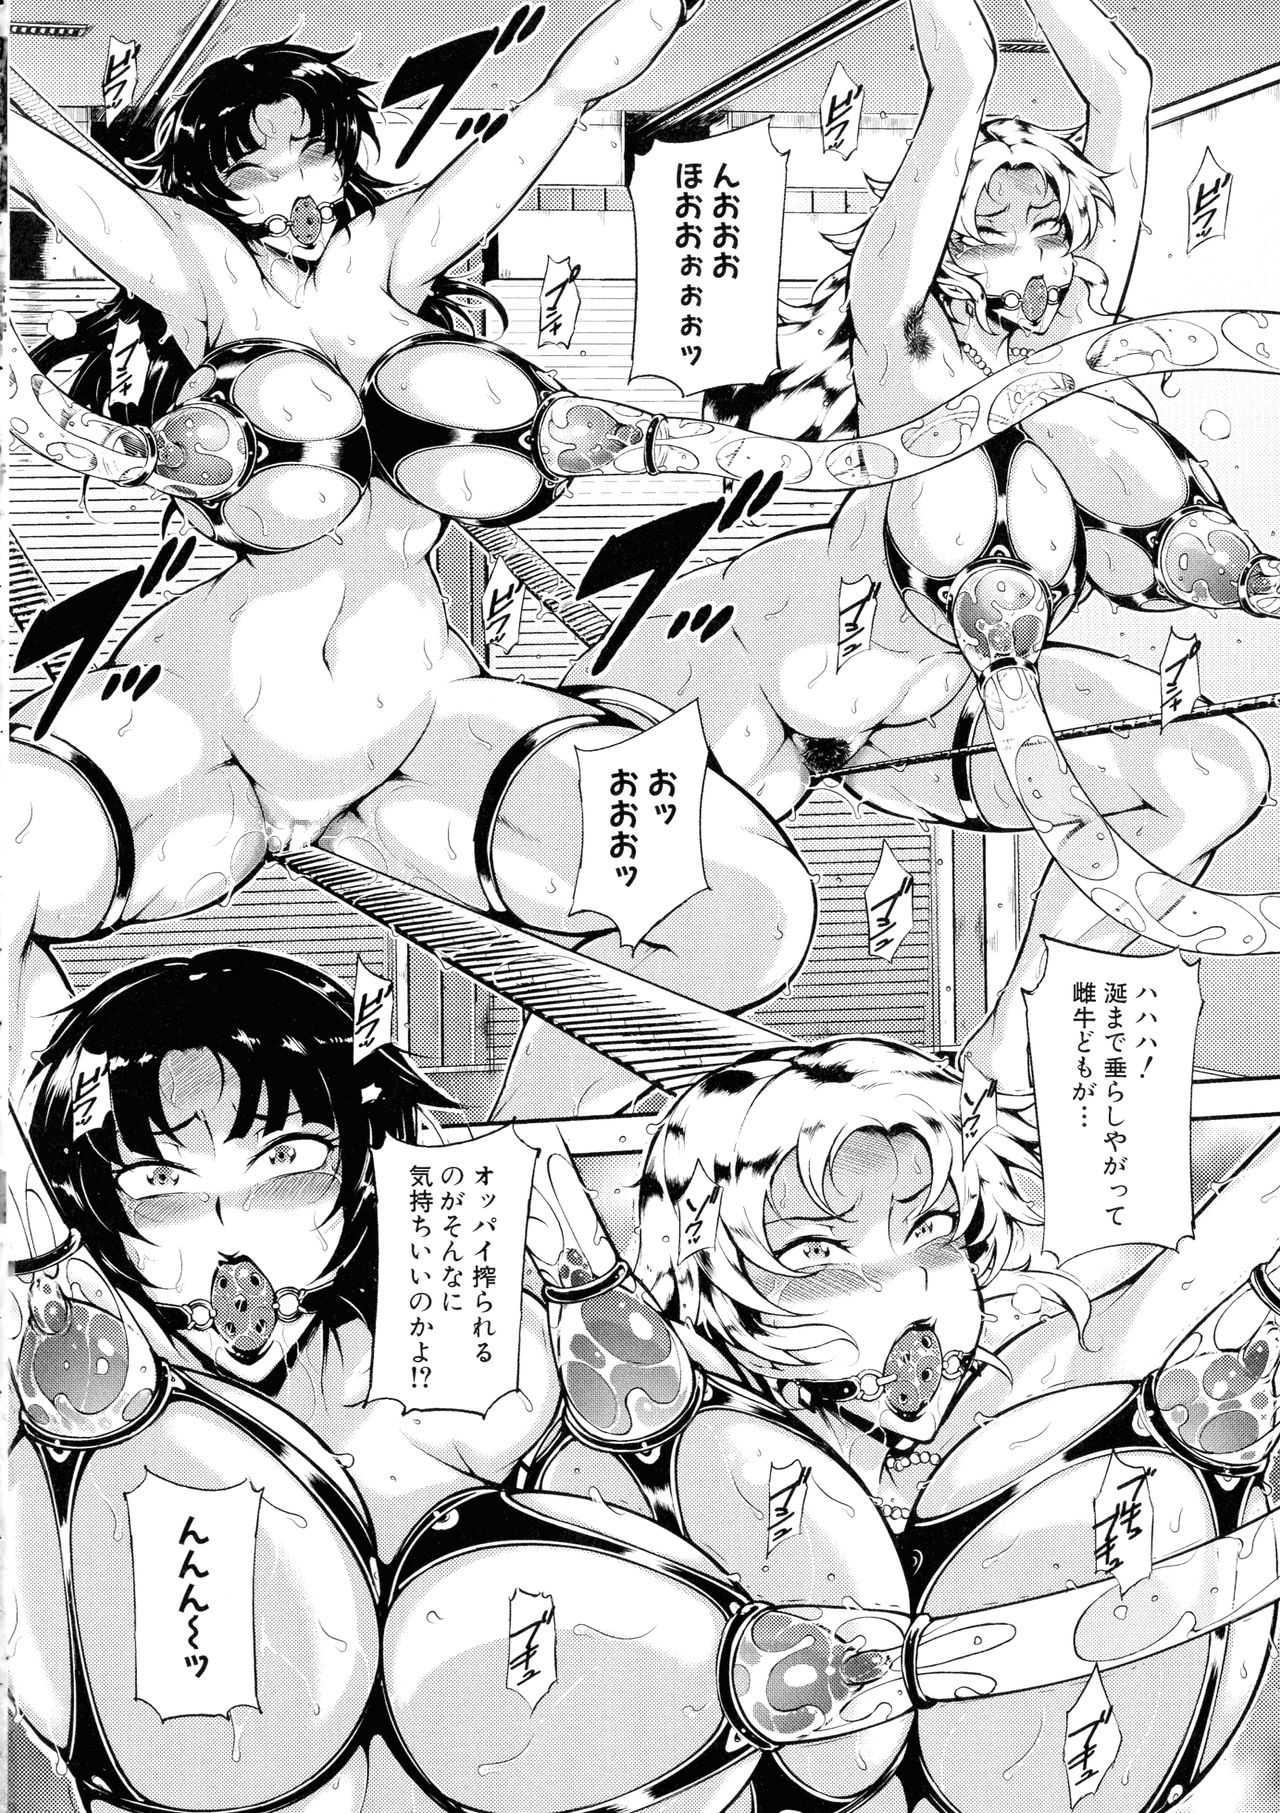 【エロ漫画】病院の地下で変態医師から快楽調教を強いられる爆乳ママが洗脳された息子に肥大化チンポで犯され悶え狂う!